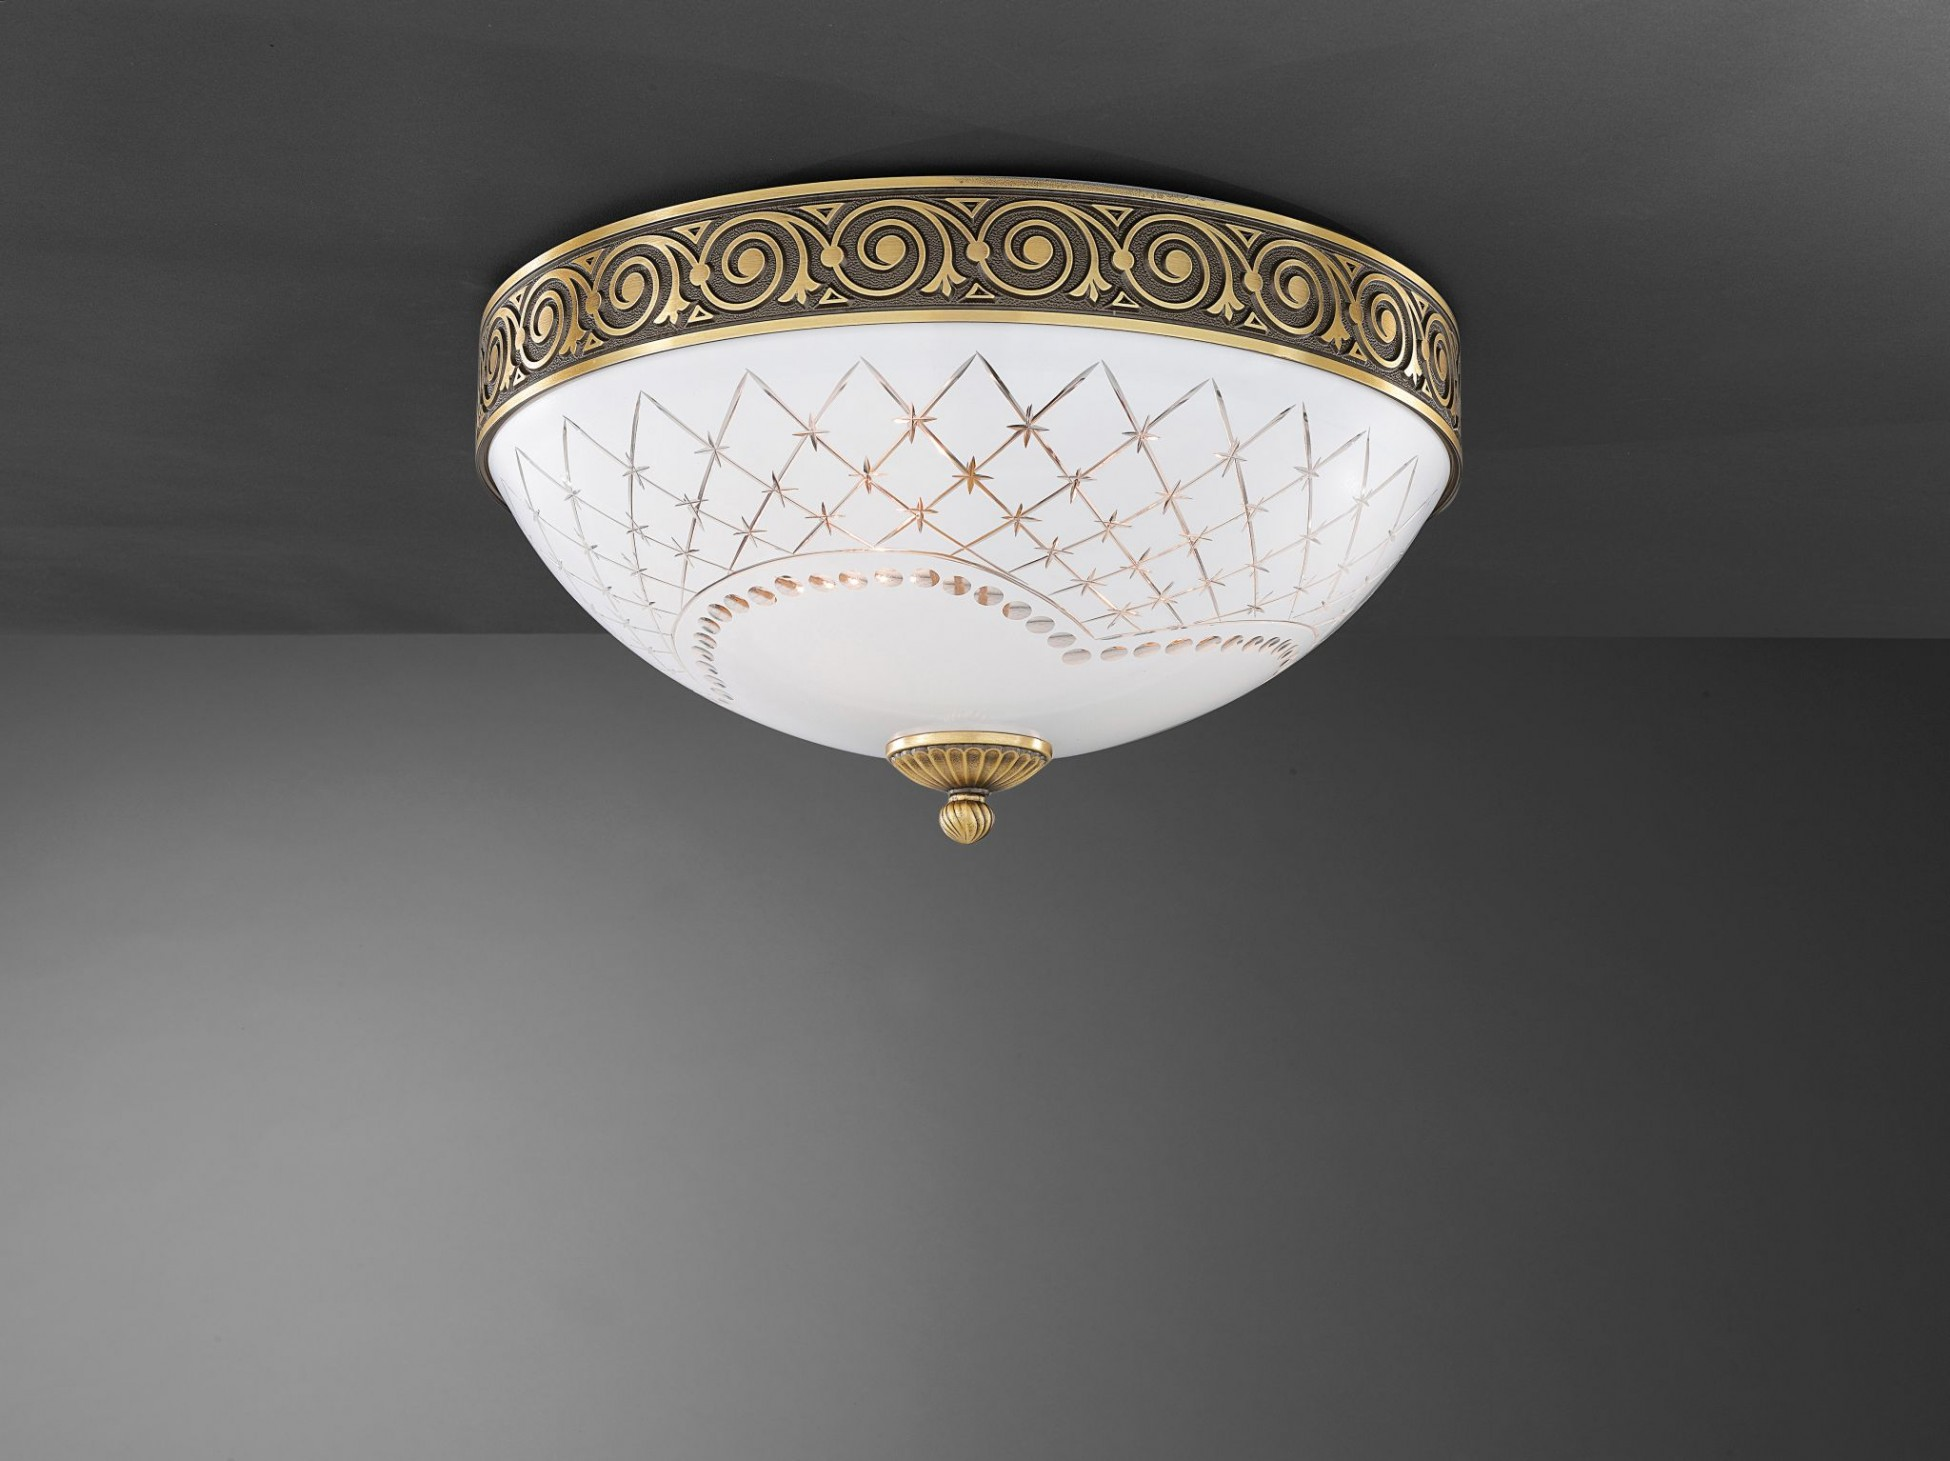 Plafoniera Ottone Vetro : Plafoniera in ottone e vetro bianco molato luci cm reccagni